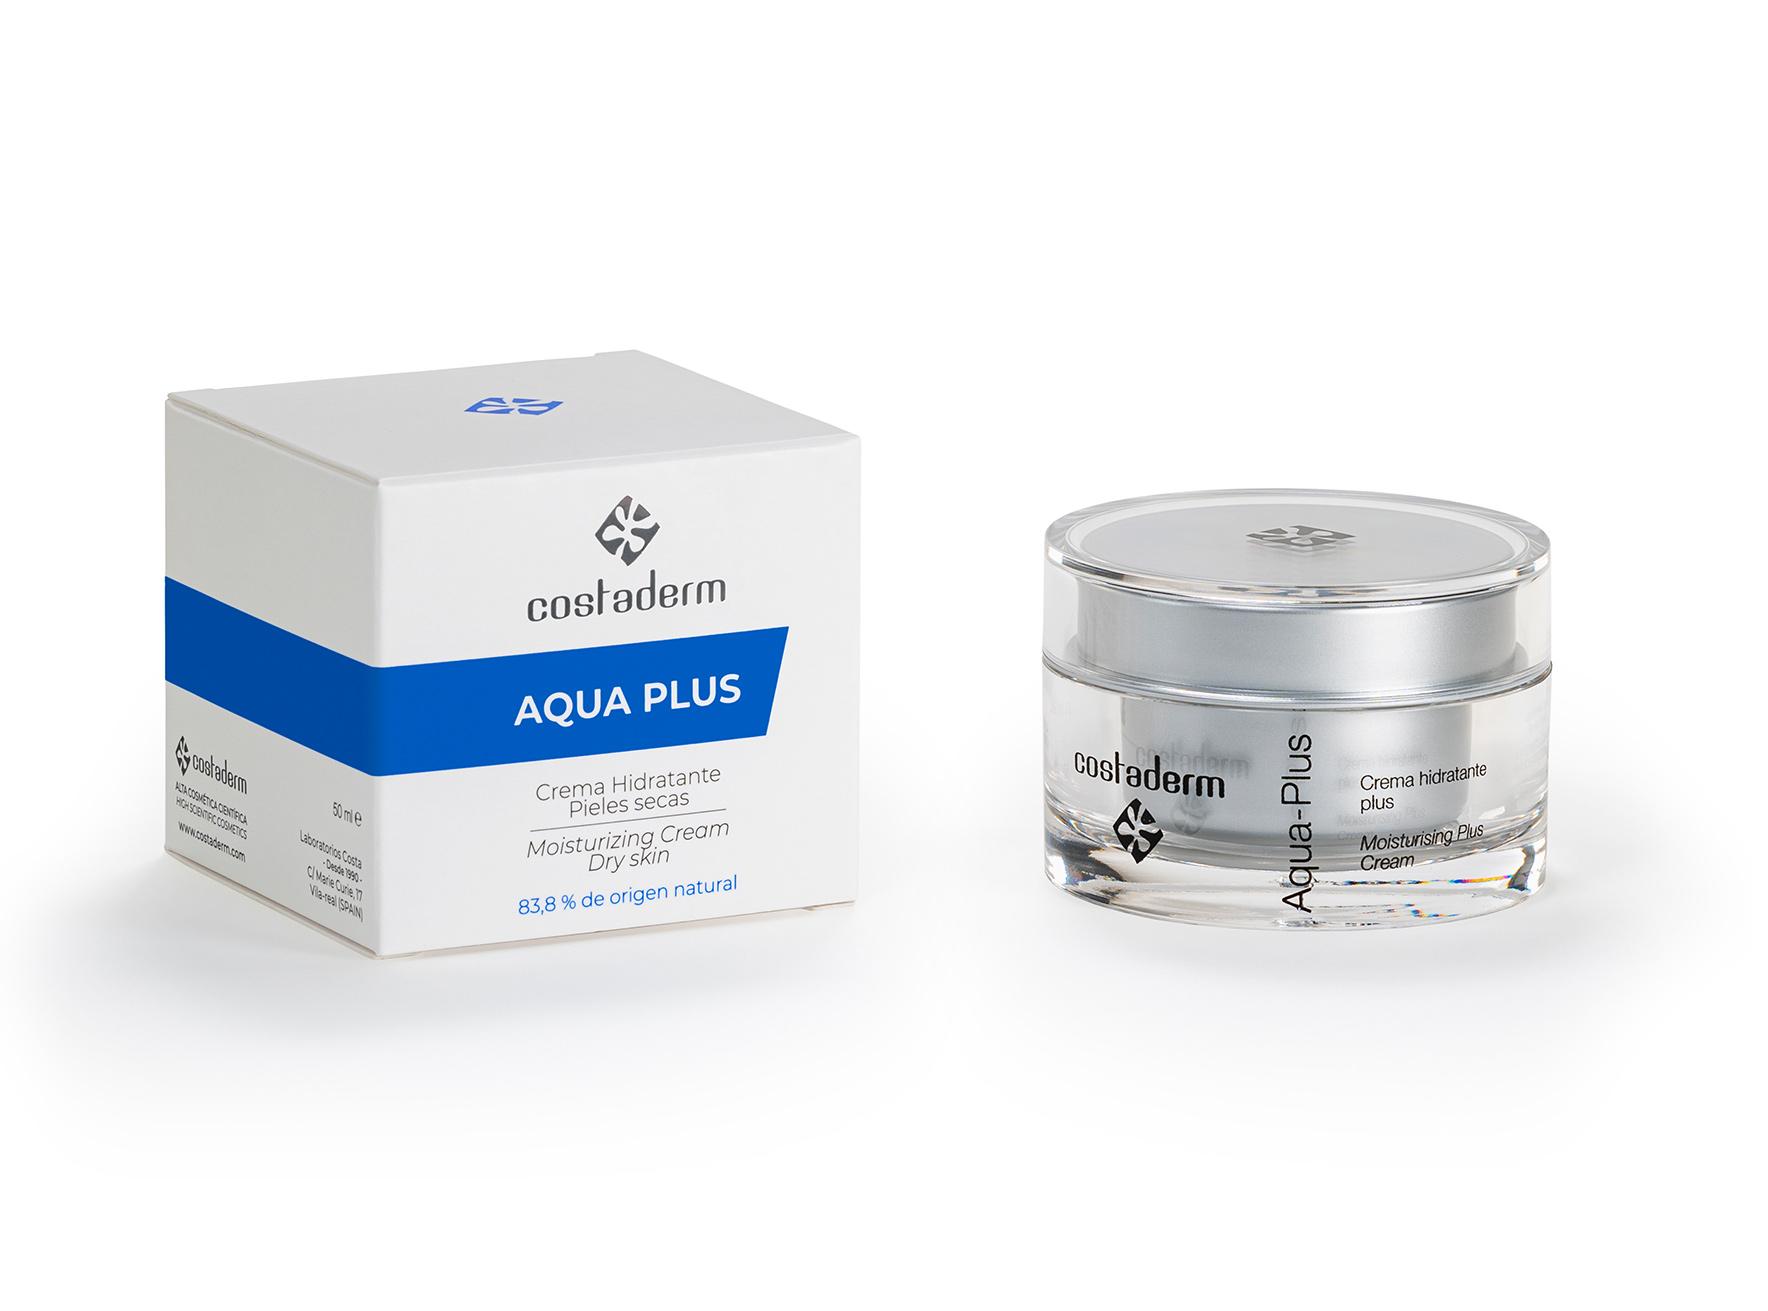 crema-aquaplus-costaderm